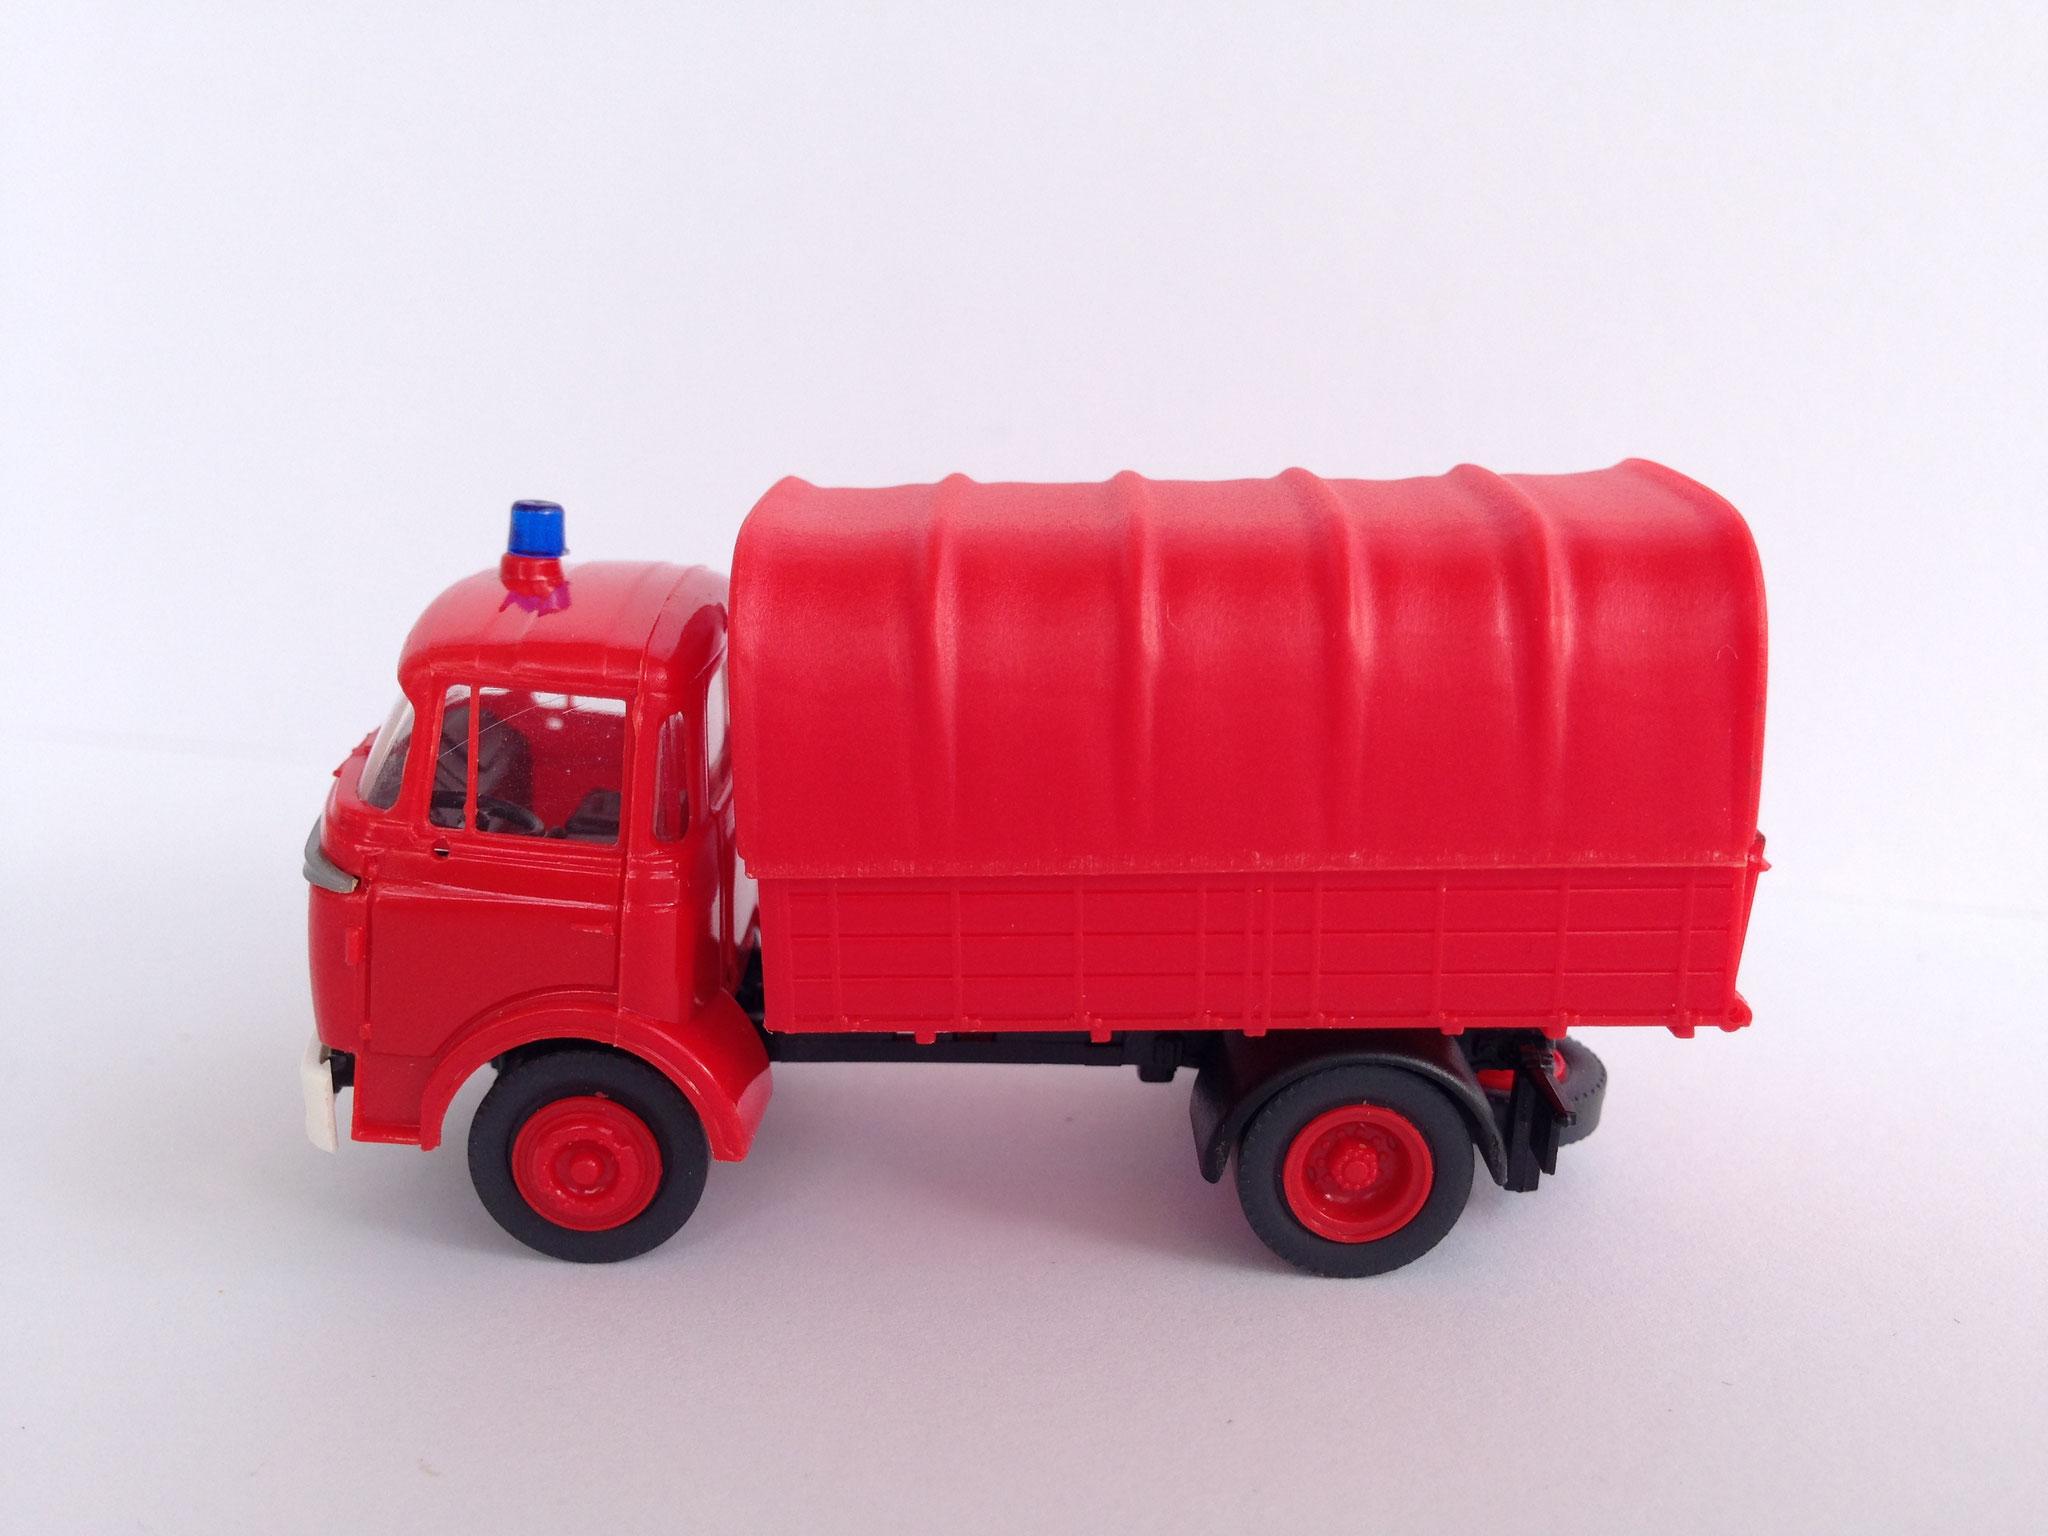 Feuerwehr 2-Achser, Pritsche/Plane, Art. Nr. 744 (ab 1989 im Programm)